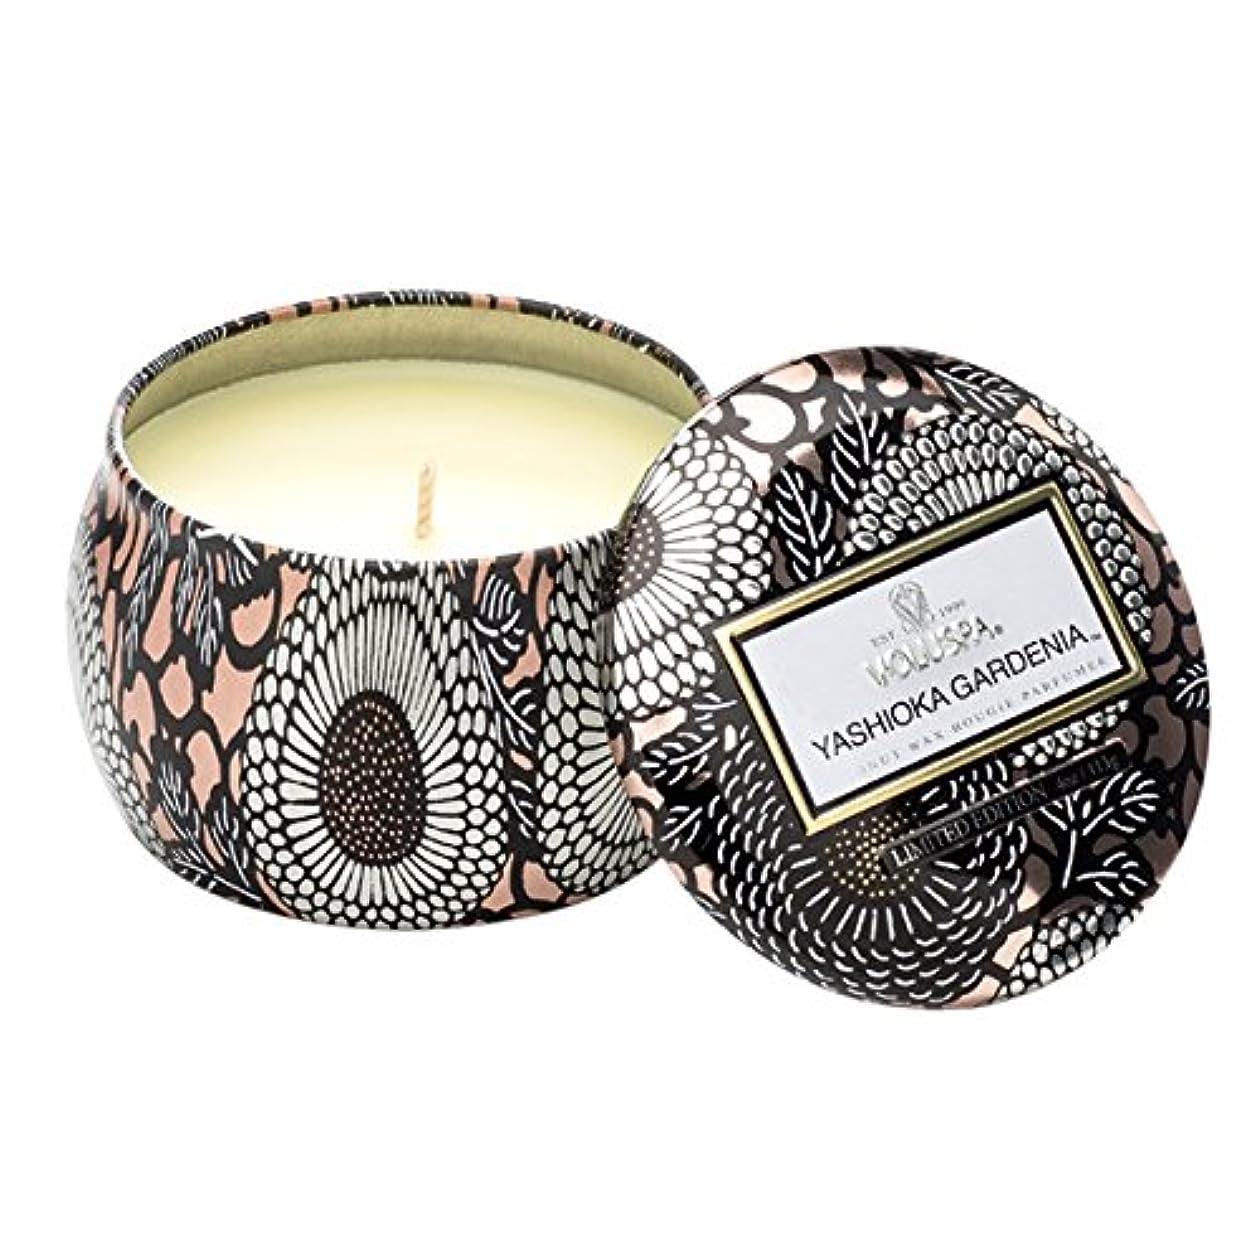 ずるい全体好意Voluspa ボルスパ ジャポニカ リミテッド ティンキャンドル  S ヤシオカガーデニア YASHIOKA GARDENIA JAPONICA Limited PETITE Tin Glass Candle